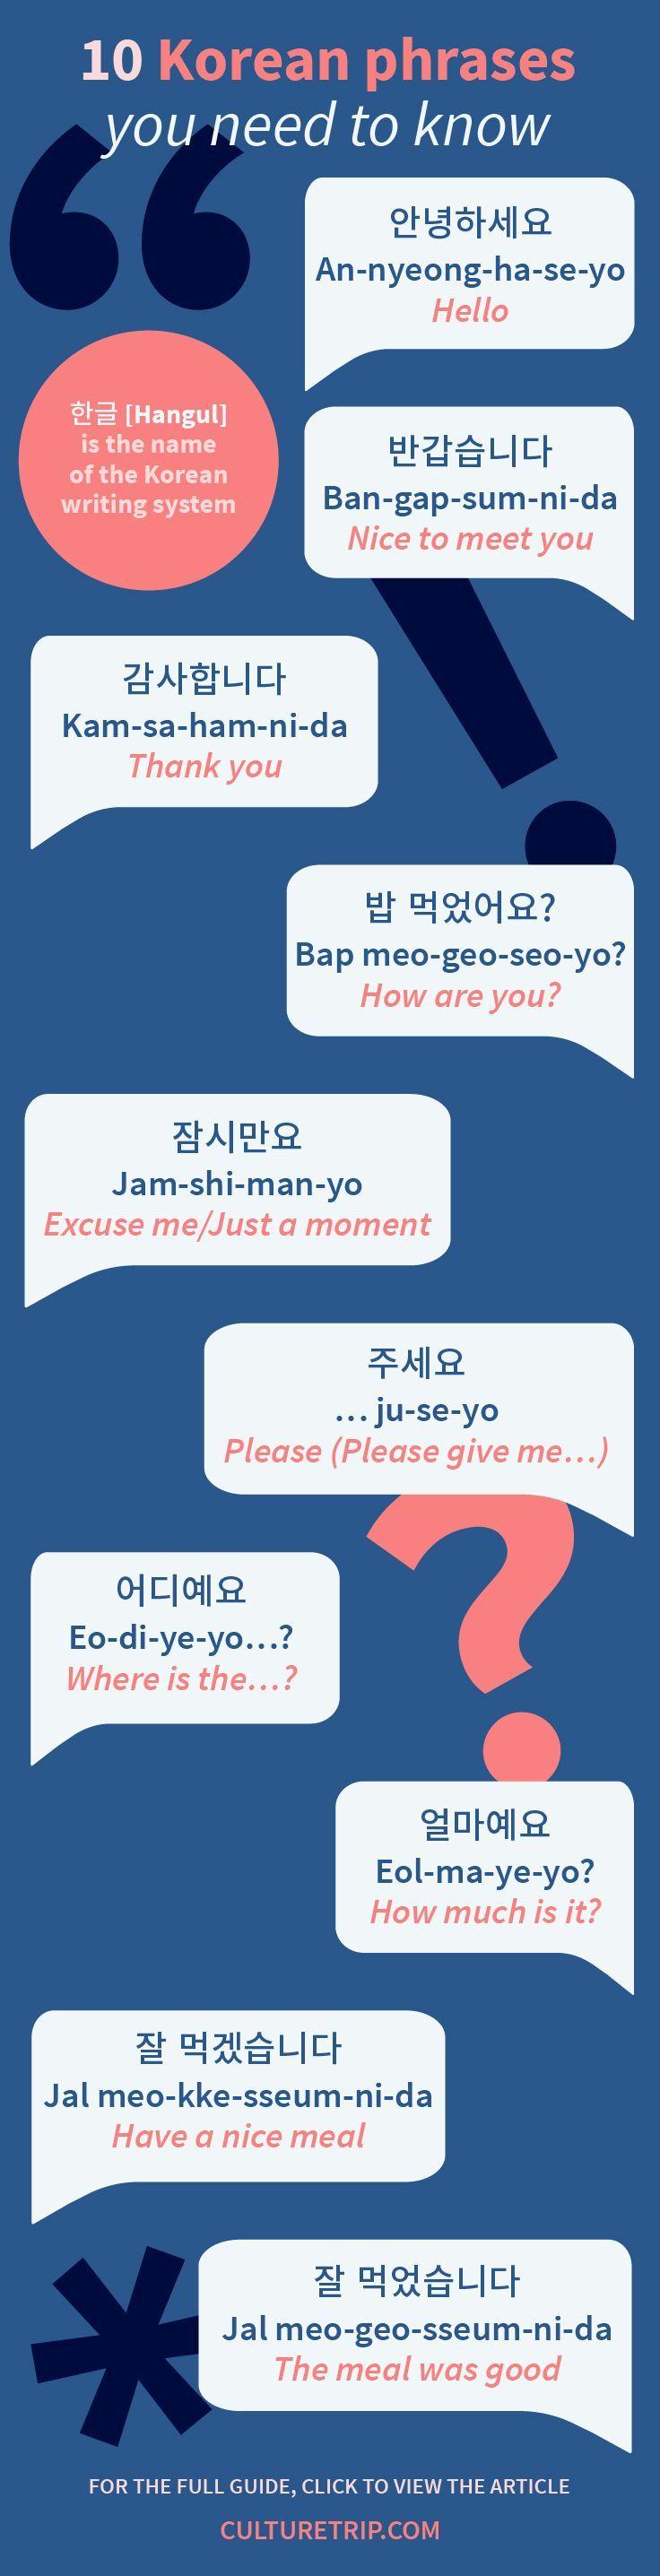 15 Korean Phrases You Need To Know Pinterest South Korea Seoul